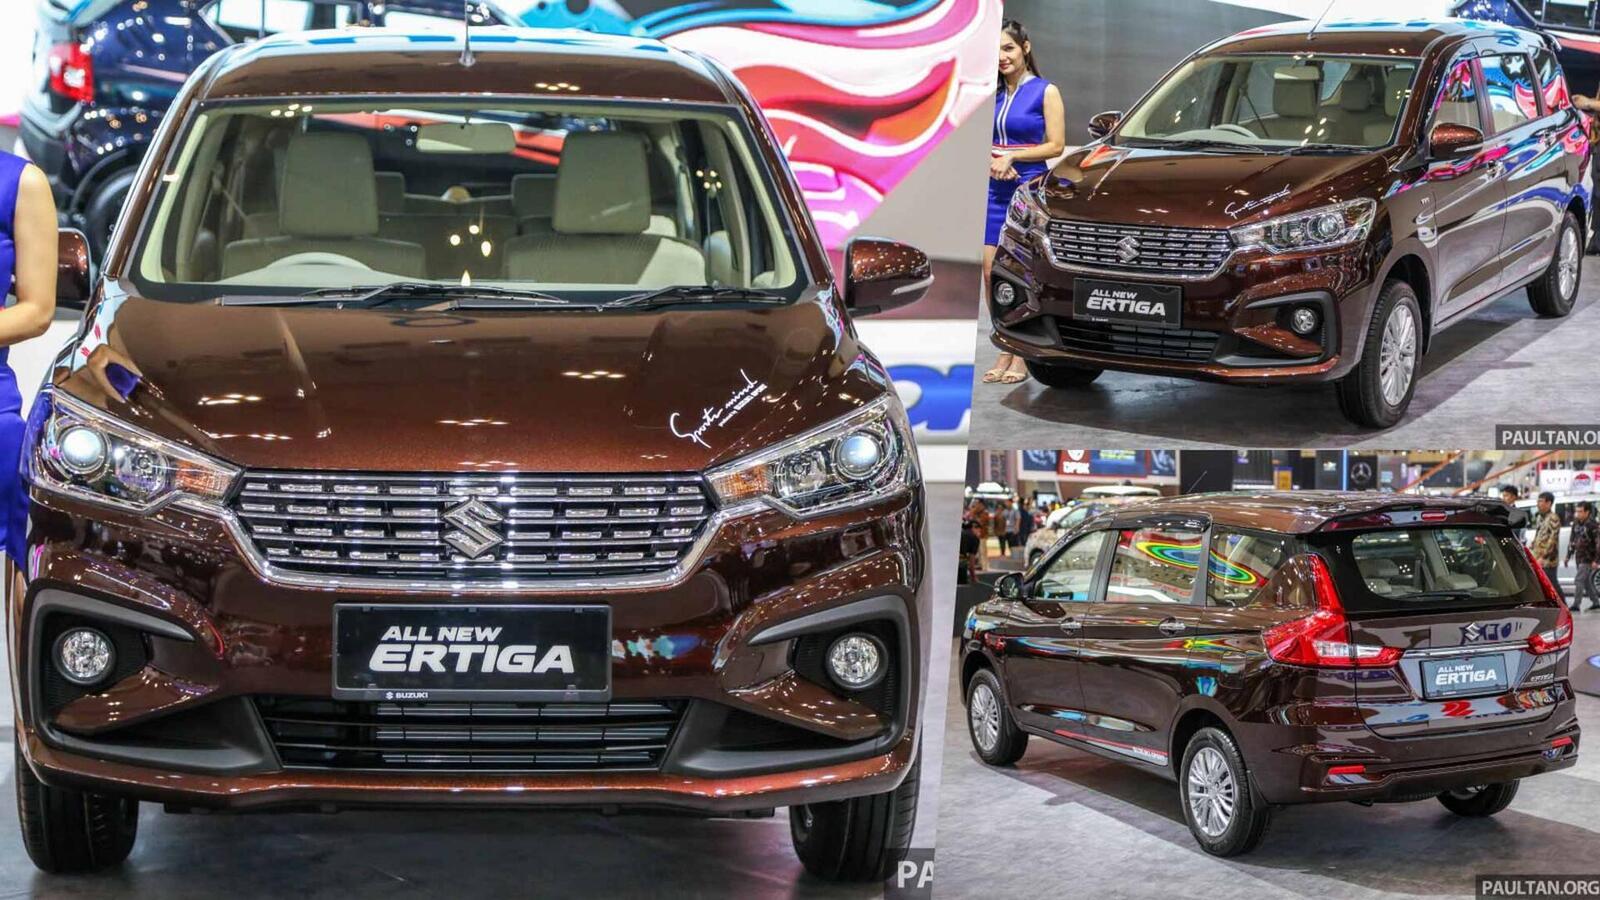 Suzuki Ertiga thế hệ mới có giá từ 486 triệu đồng tại Thái Lan; chưa hẹn ngày về Việt Nam - Hình 1